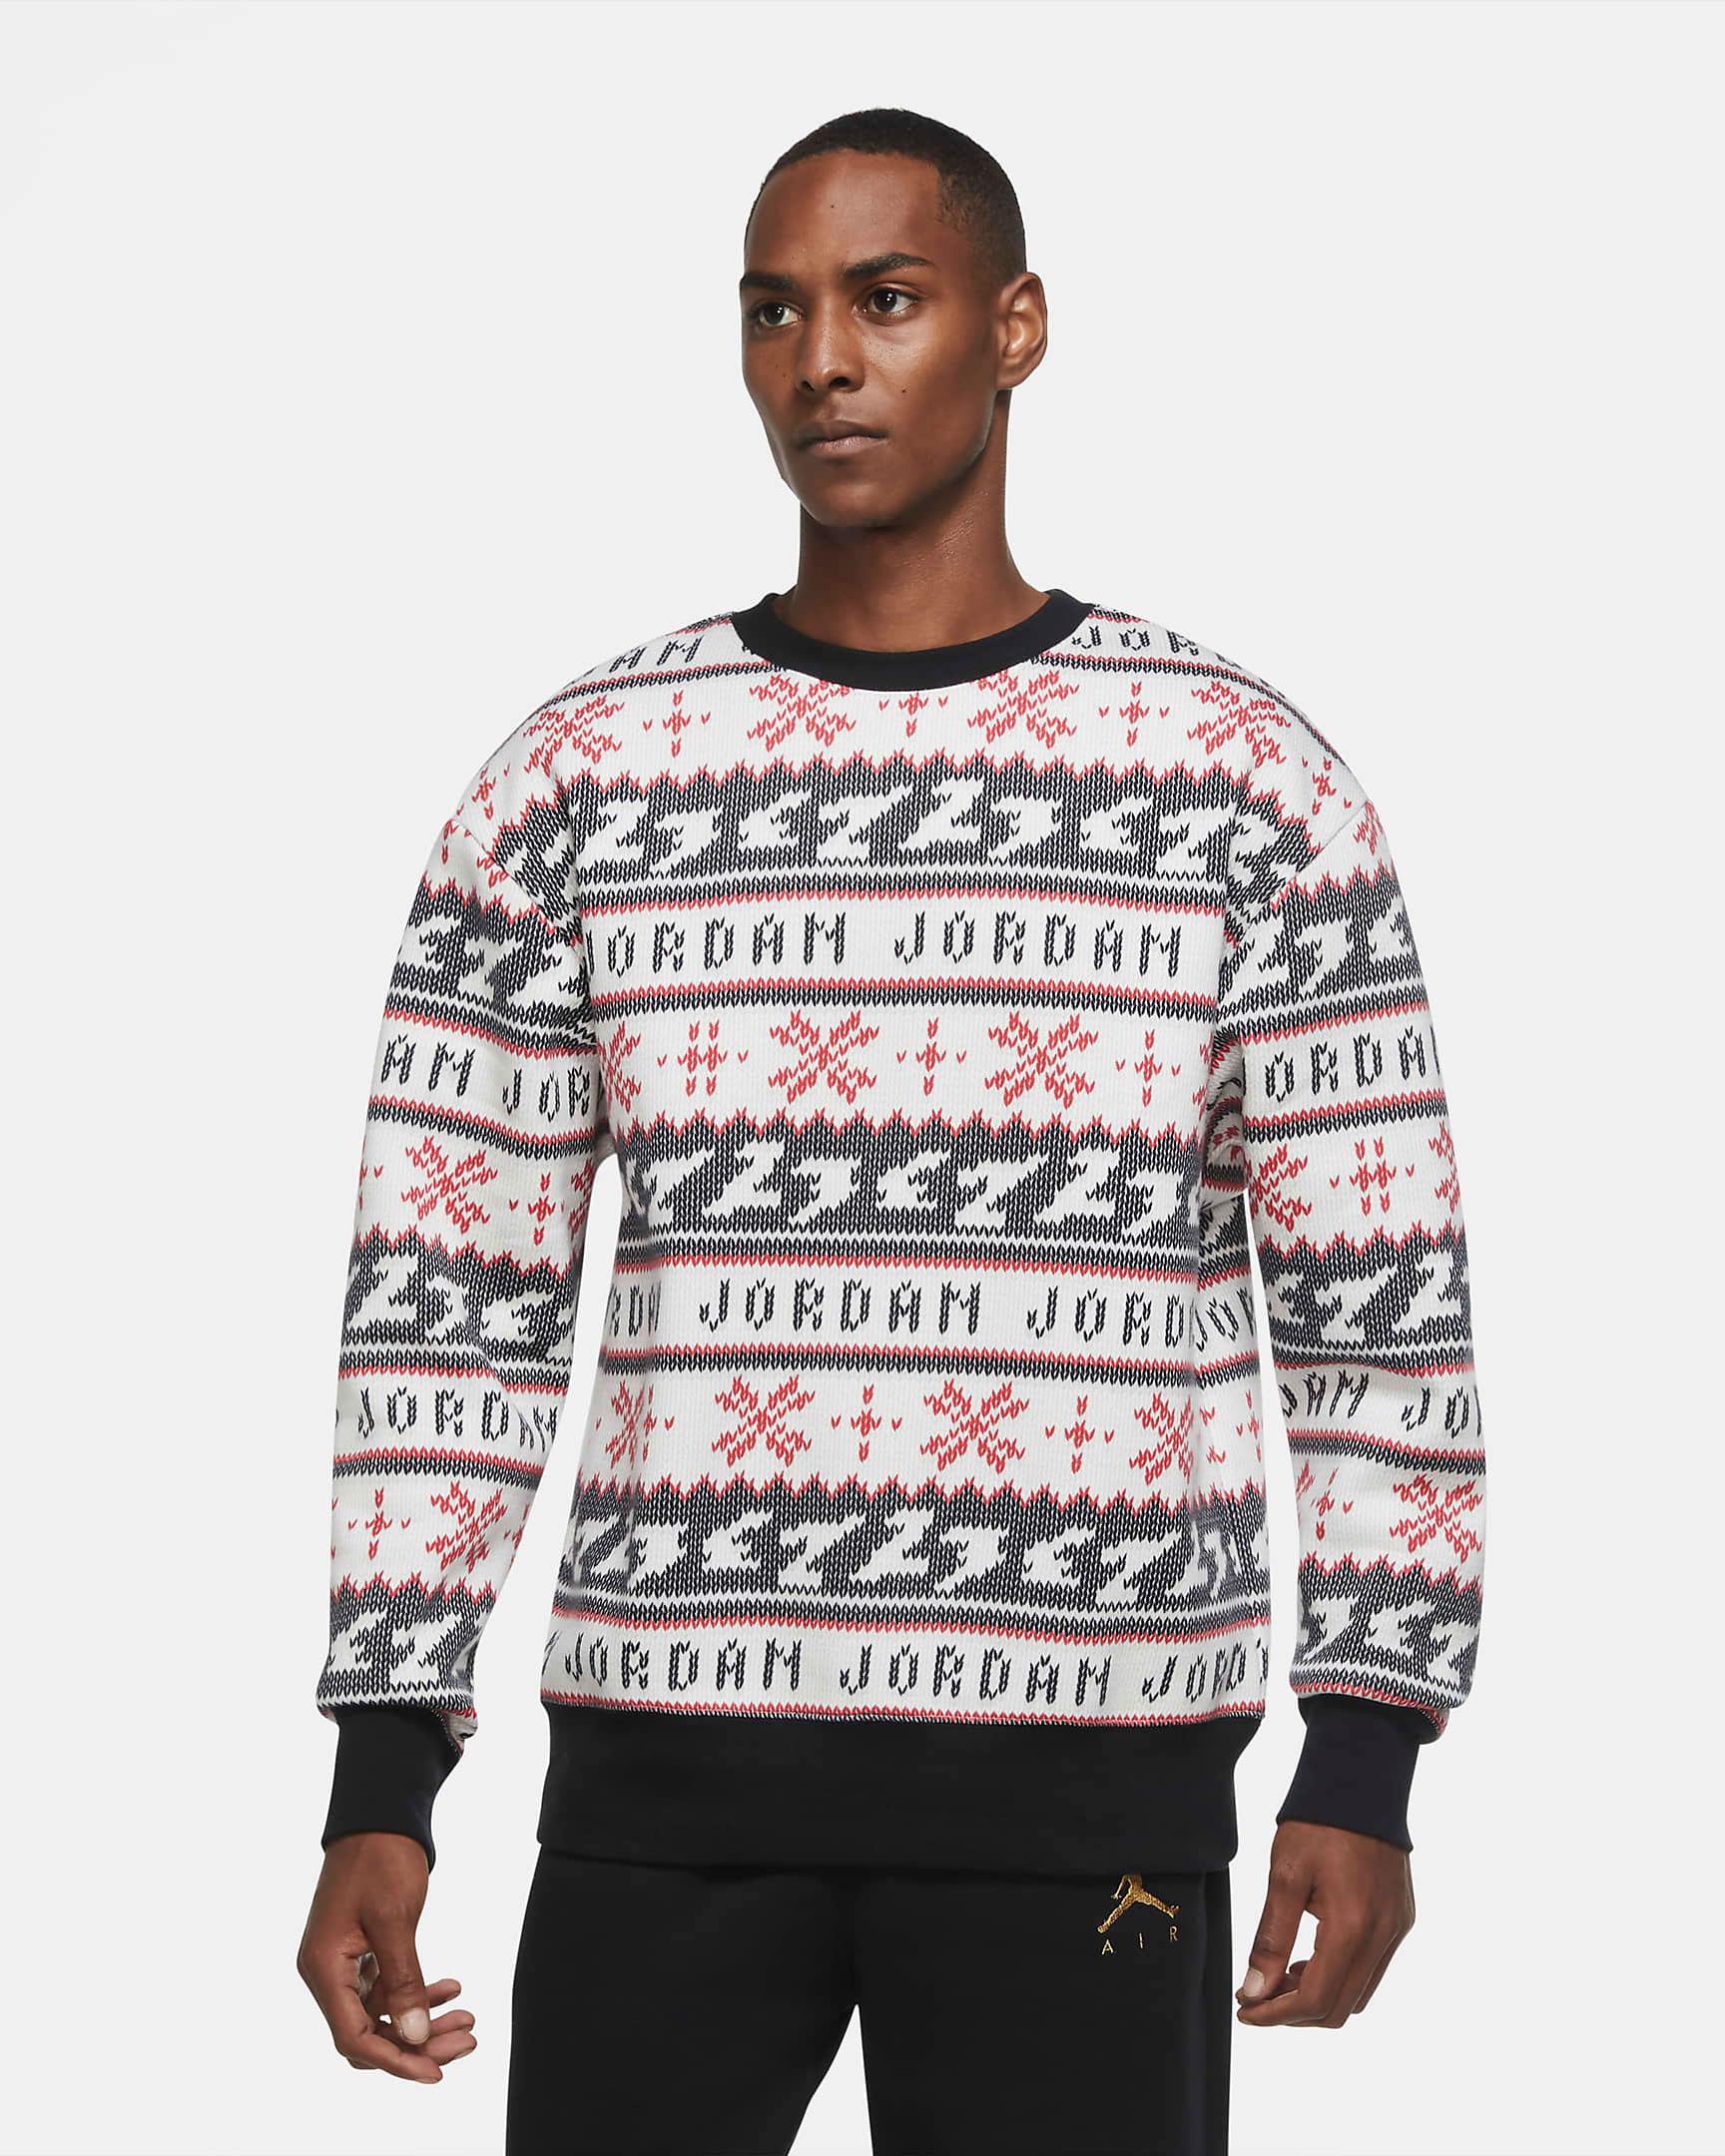 jordan-ugly-holiday-sweater-sweatshirt-1